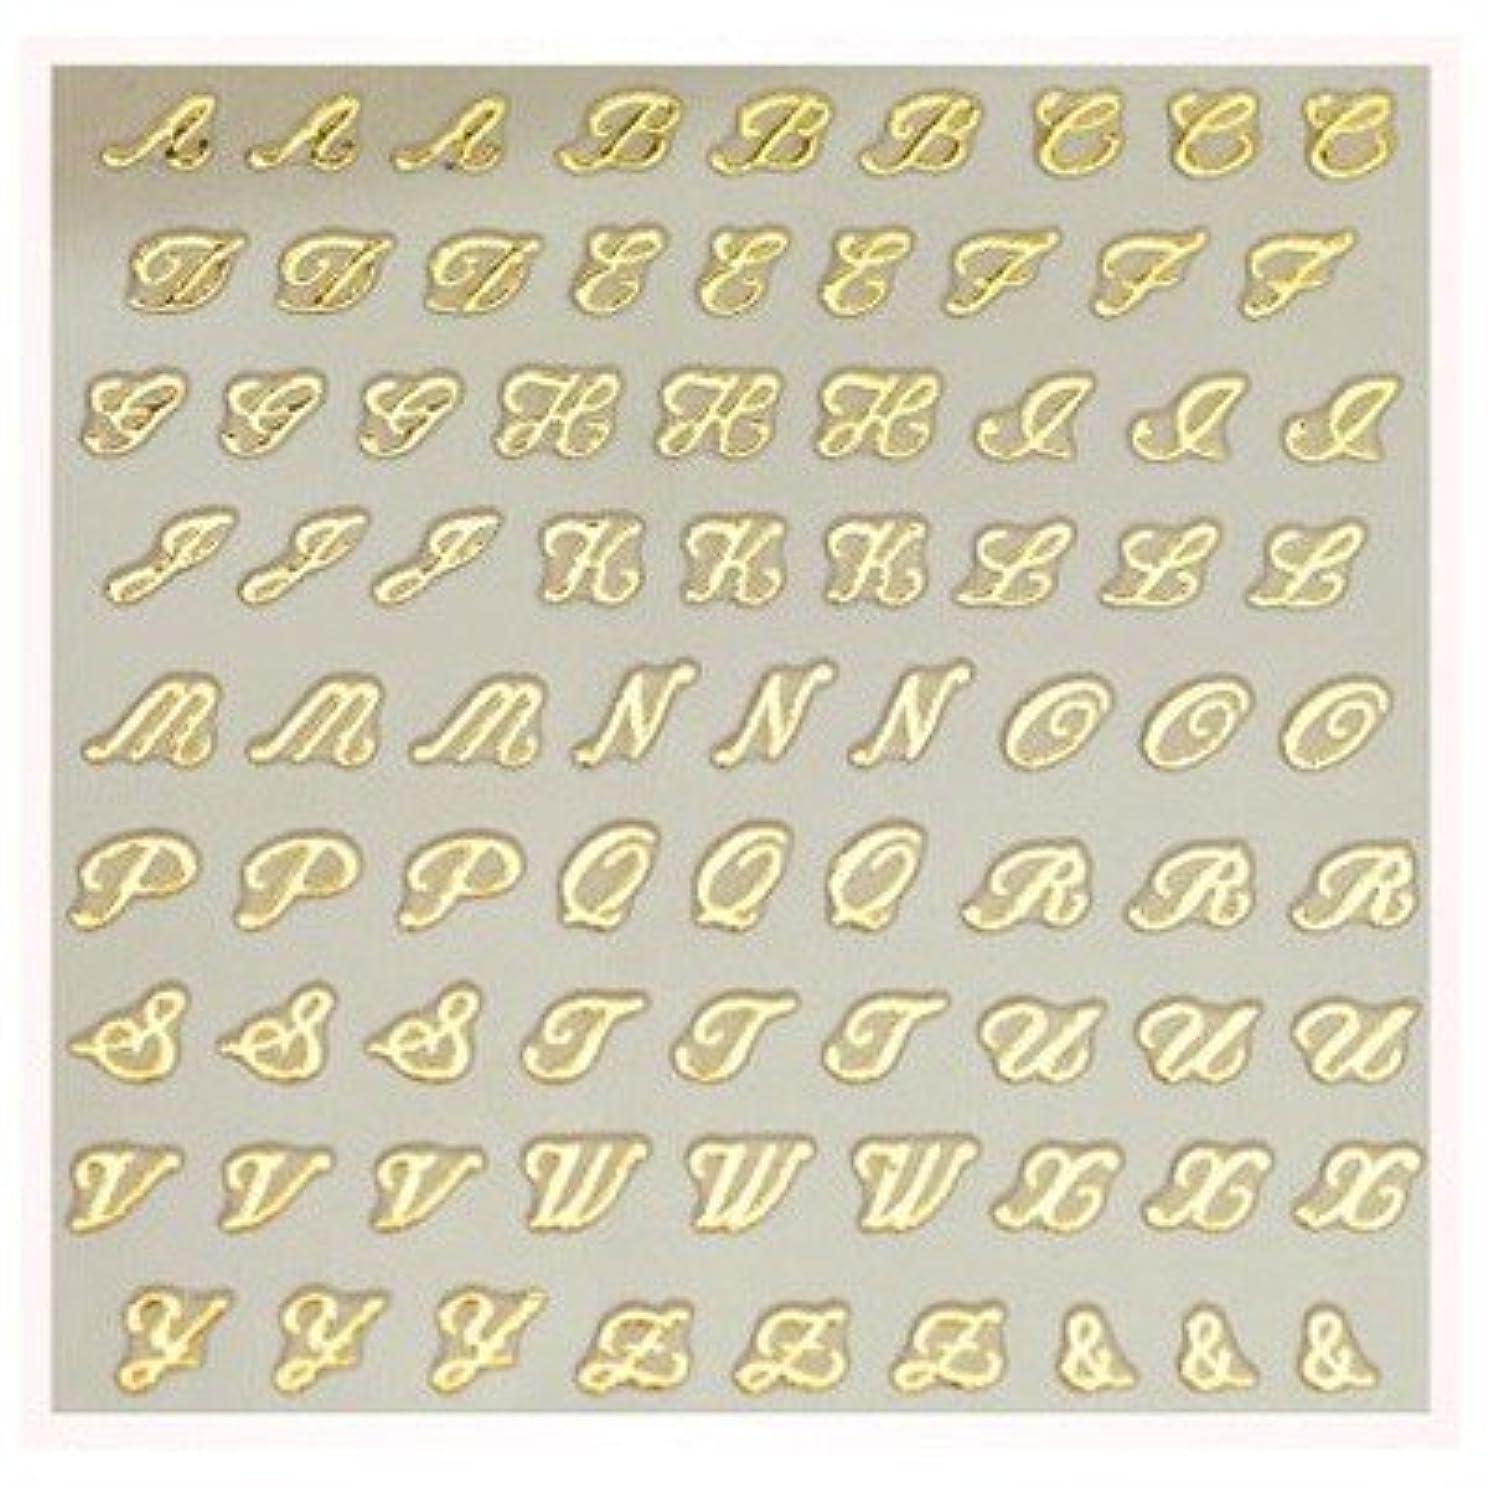 文字ネイルシール アルファベット イニシャル ピアドラ pieadra×BLC ネイルシール ブローチイニシャル 小 ゴールド